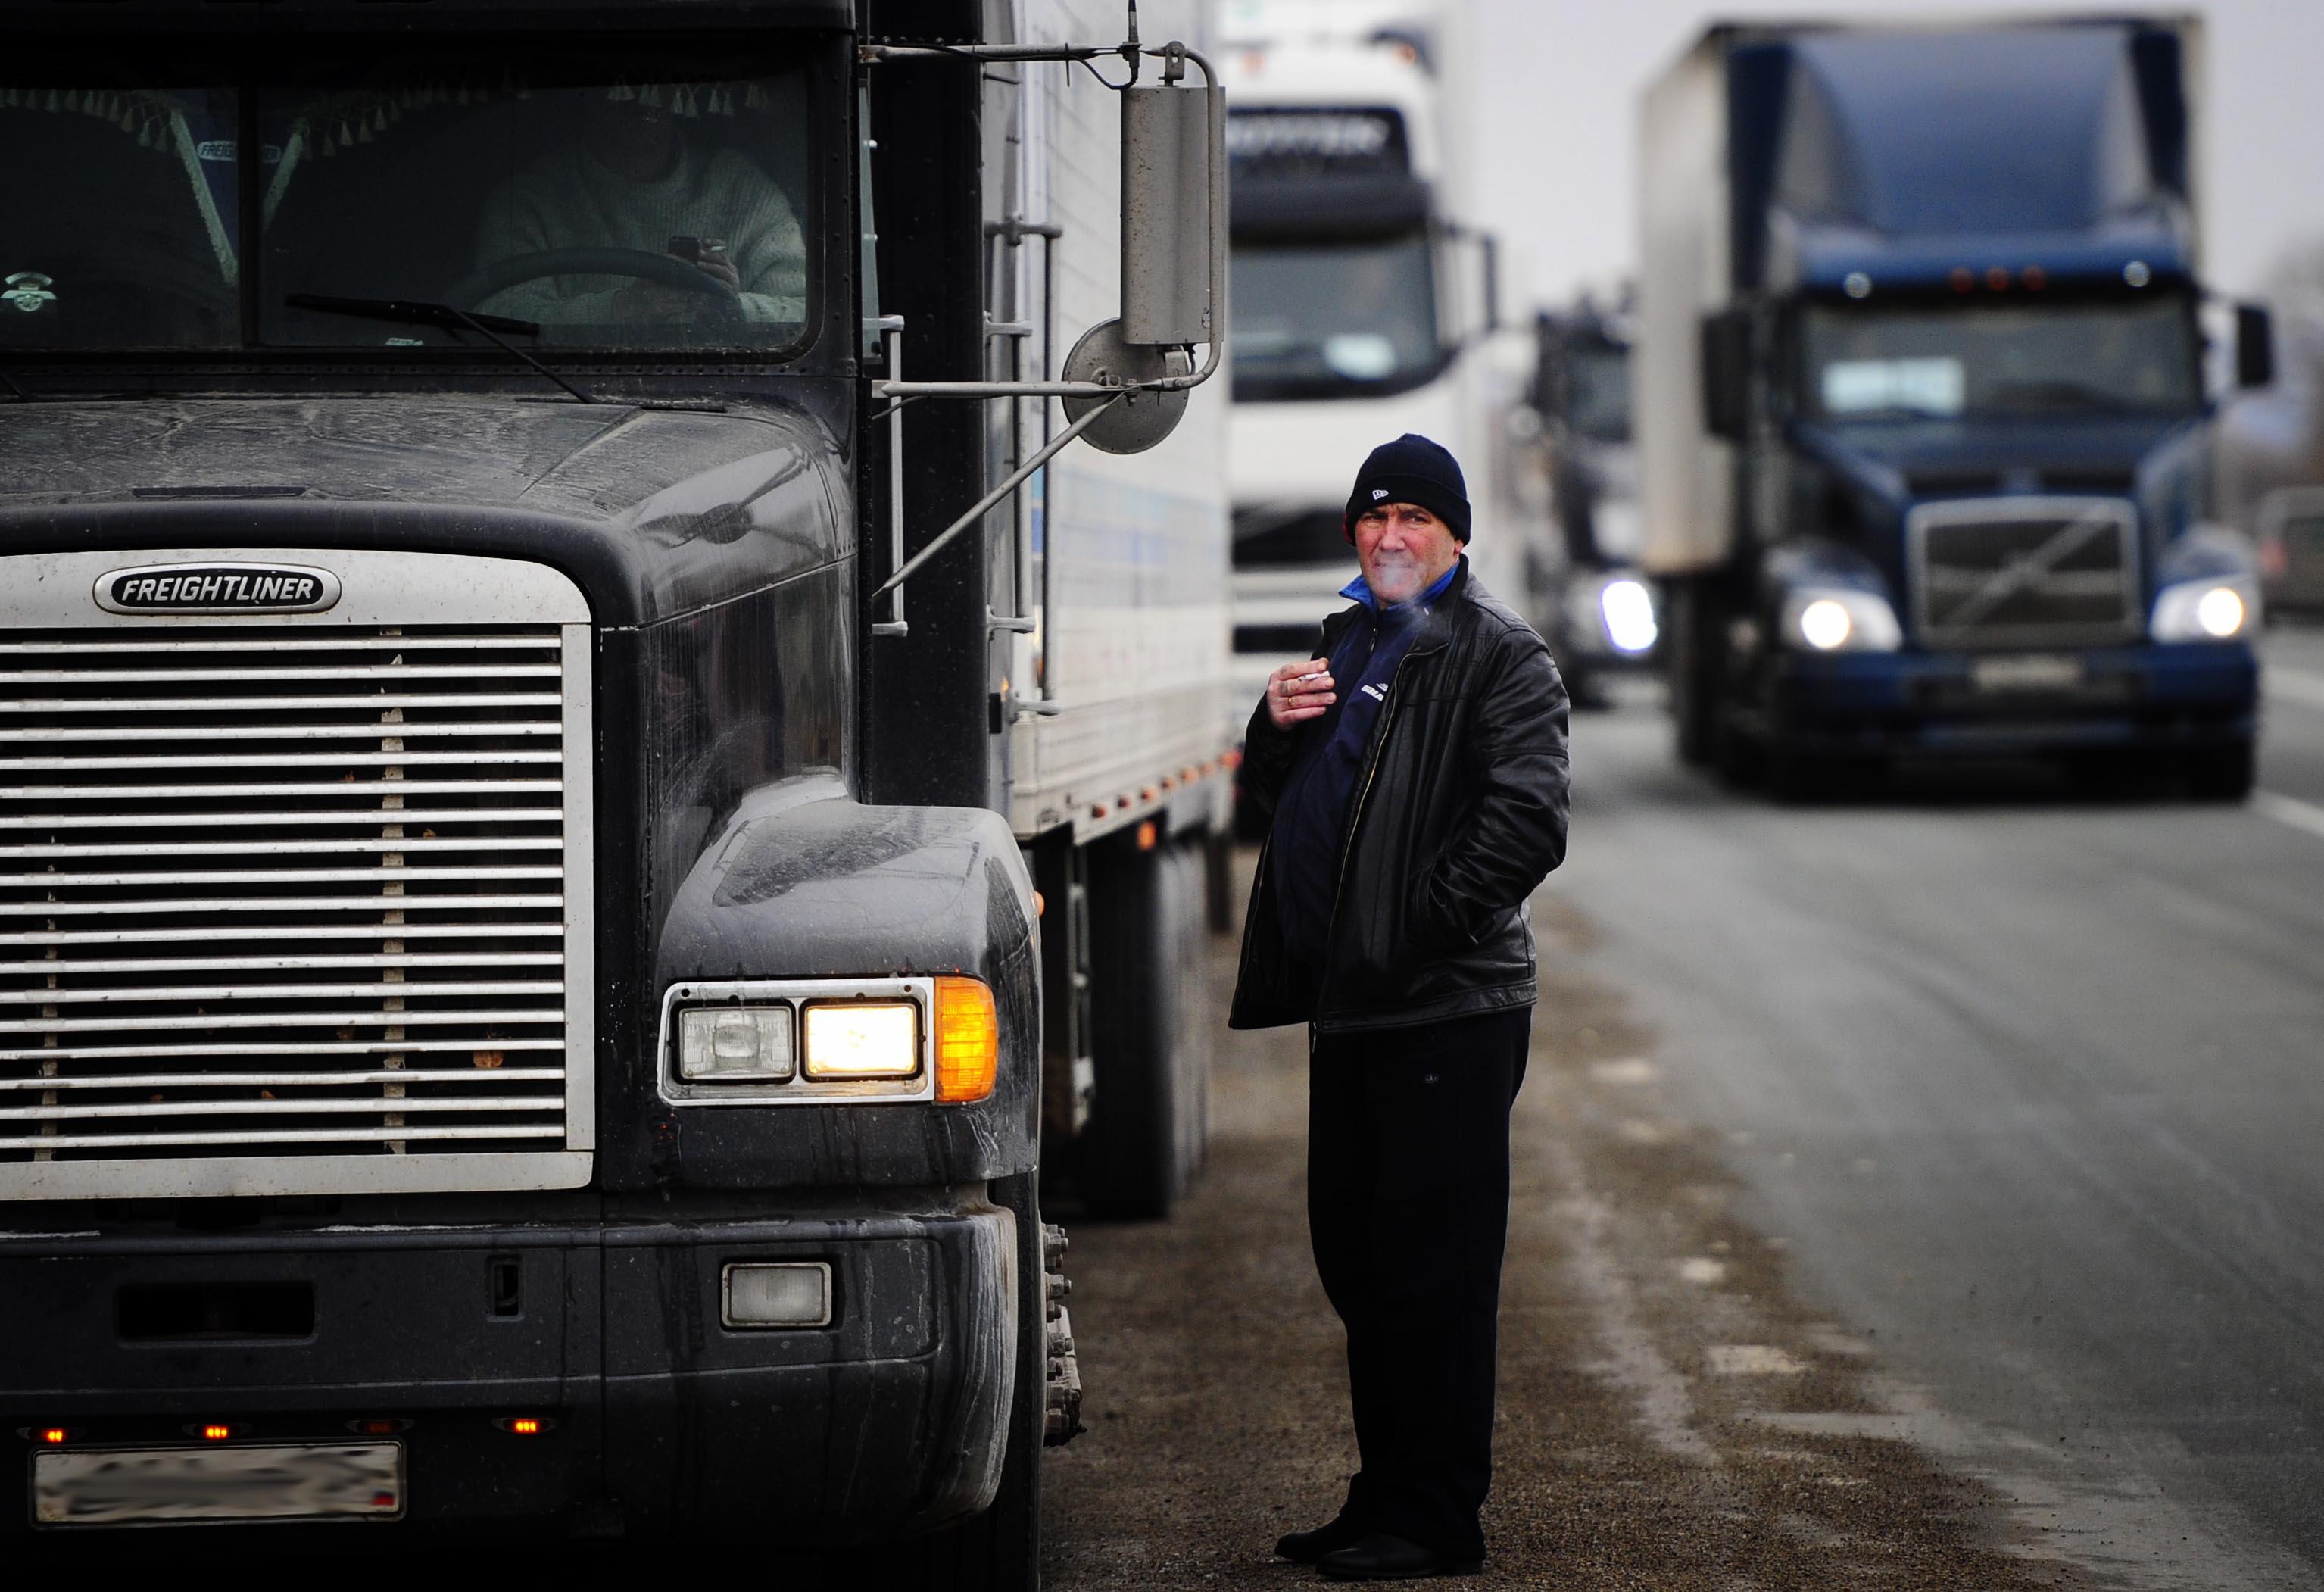 Водители-дальнобойщики во время всероссийской акции «Улитка» на трассе М-60 от Кипарисово до Владивостока, 4 декабря 2015 года.